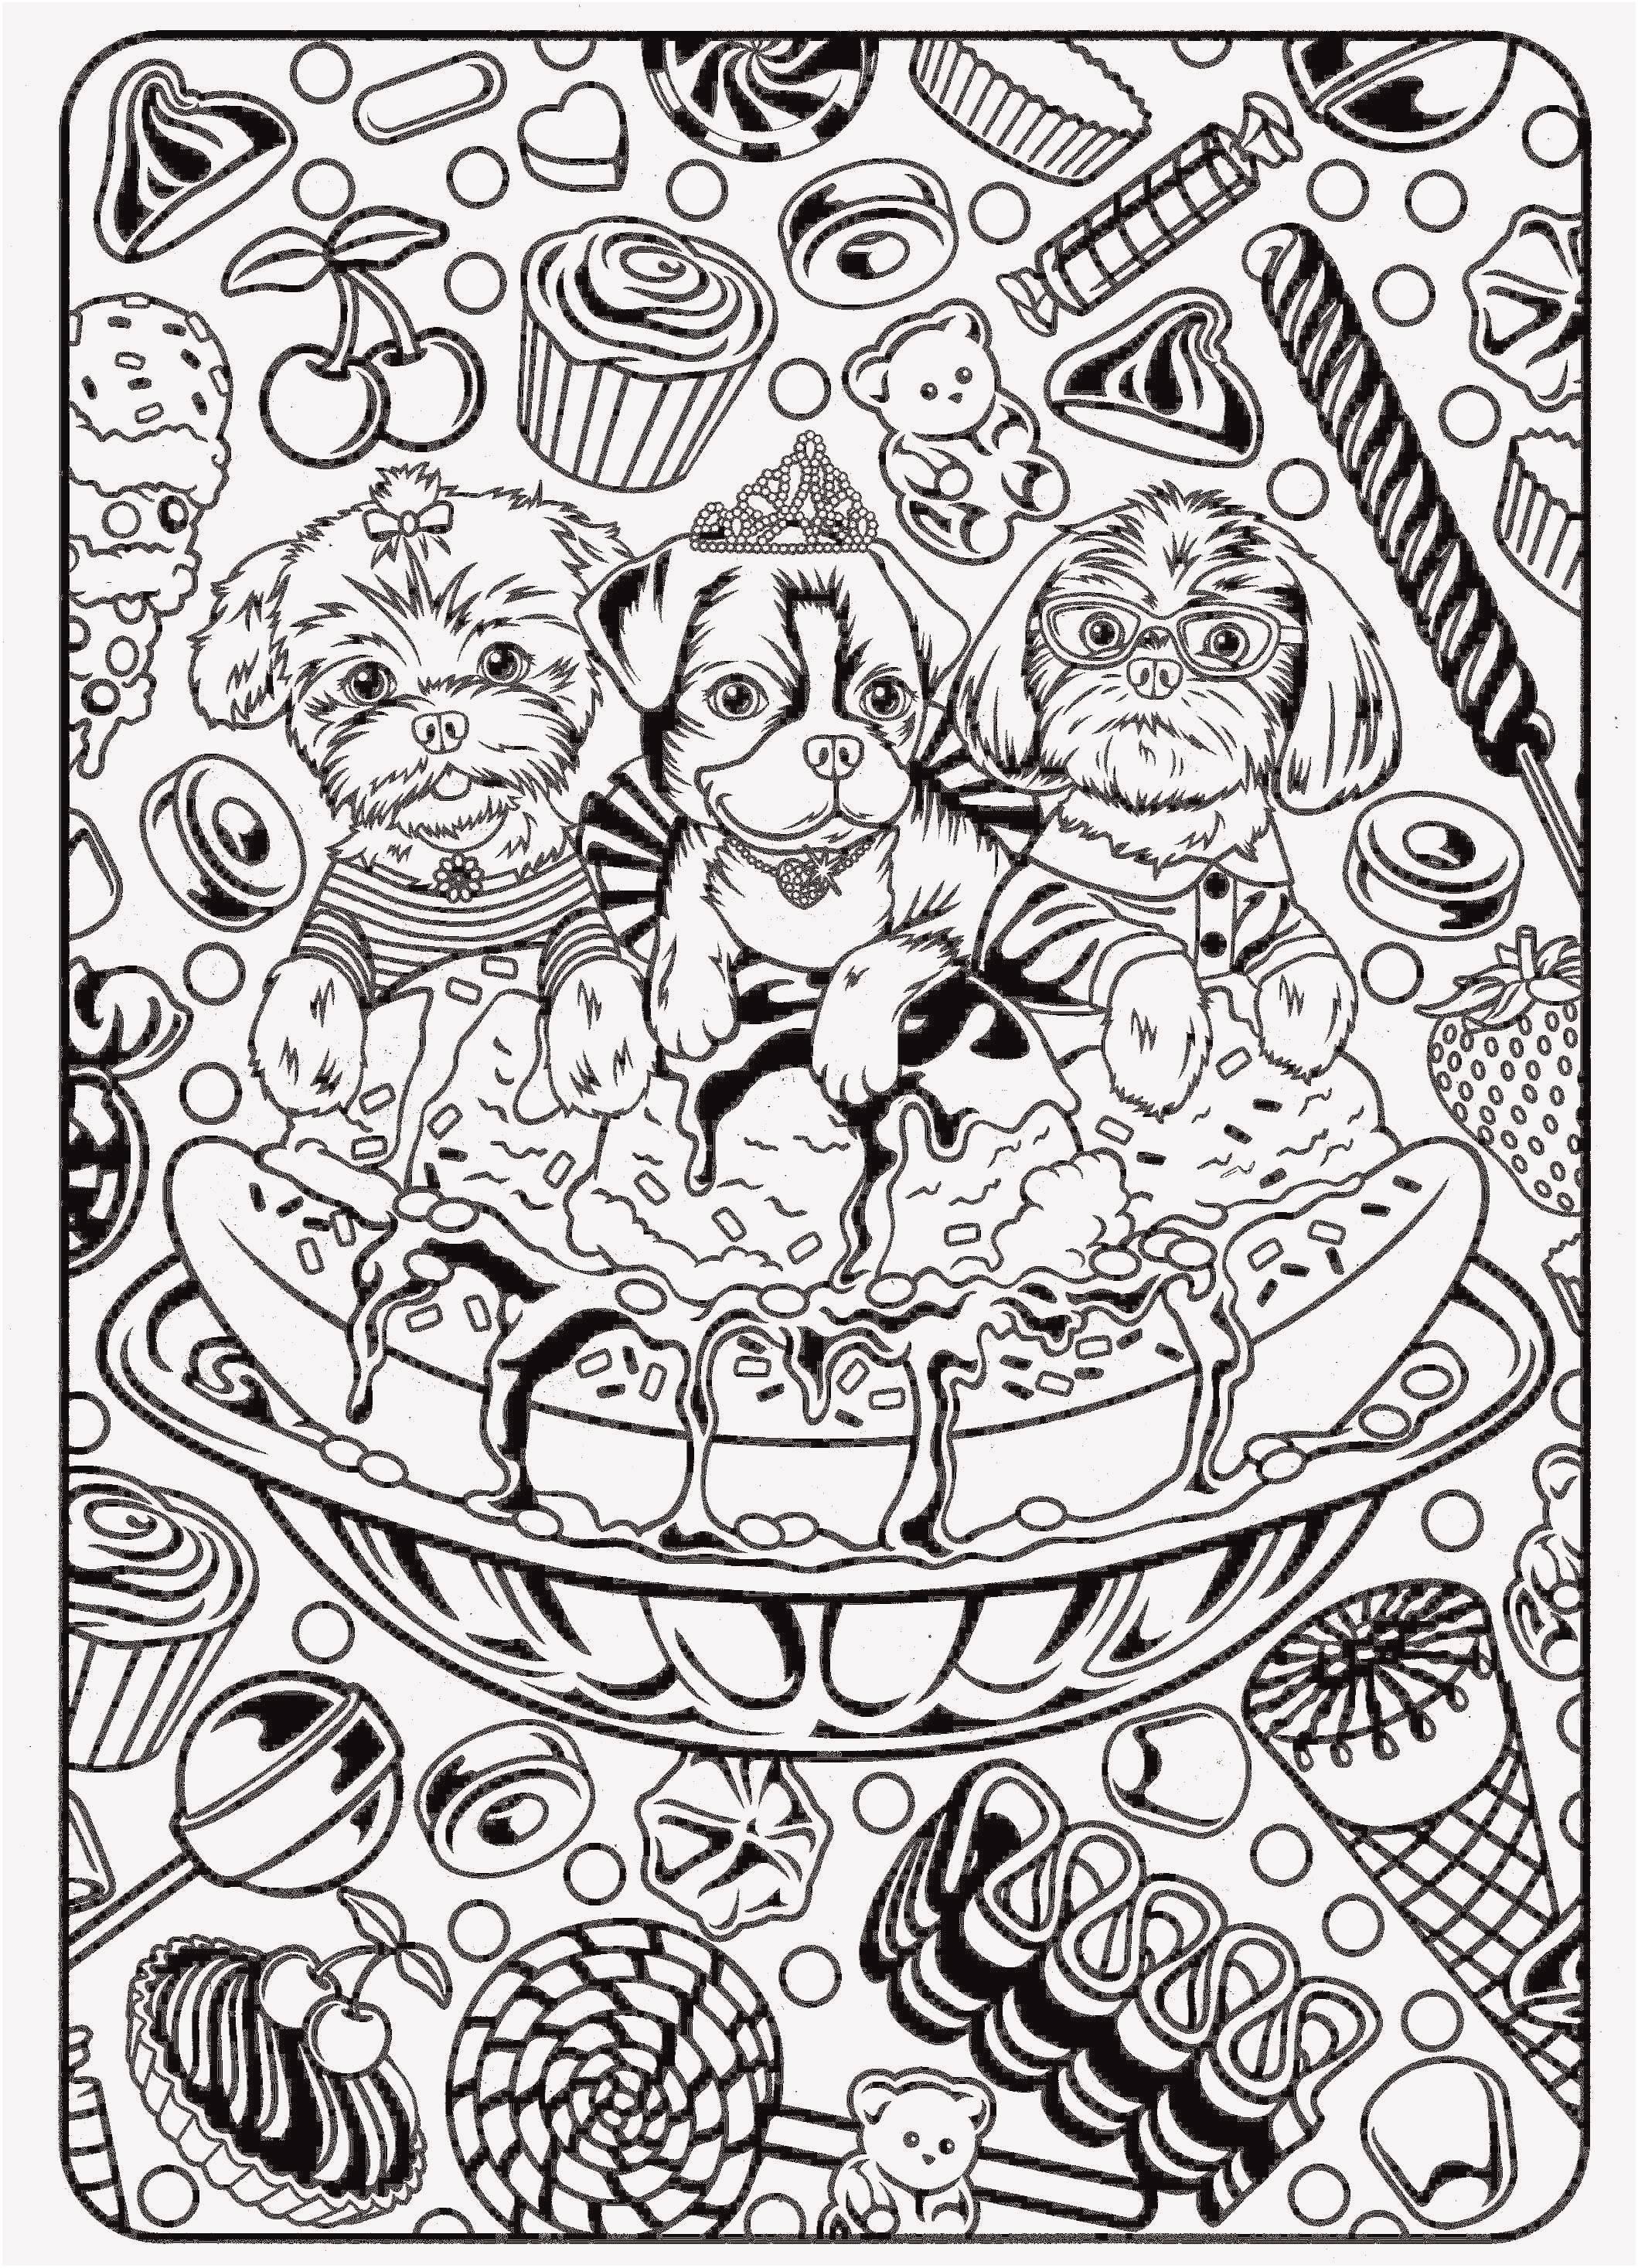 Hello Kitty Malvorlage Genial 40 Fantastisch Hello Kitty Malvorlage – Große Coloring Page Sammlung Bilder